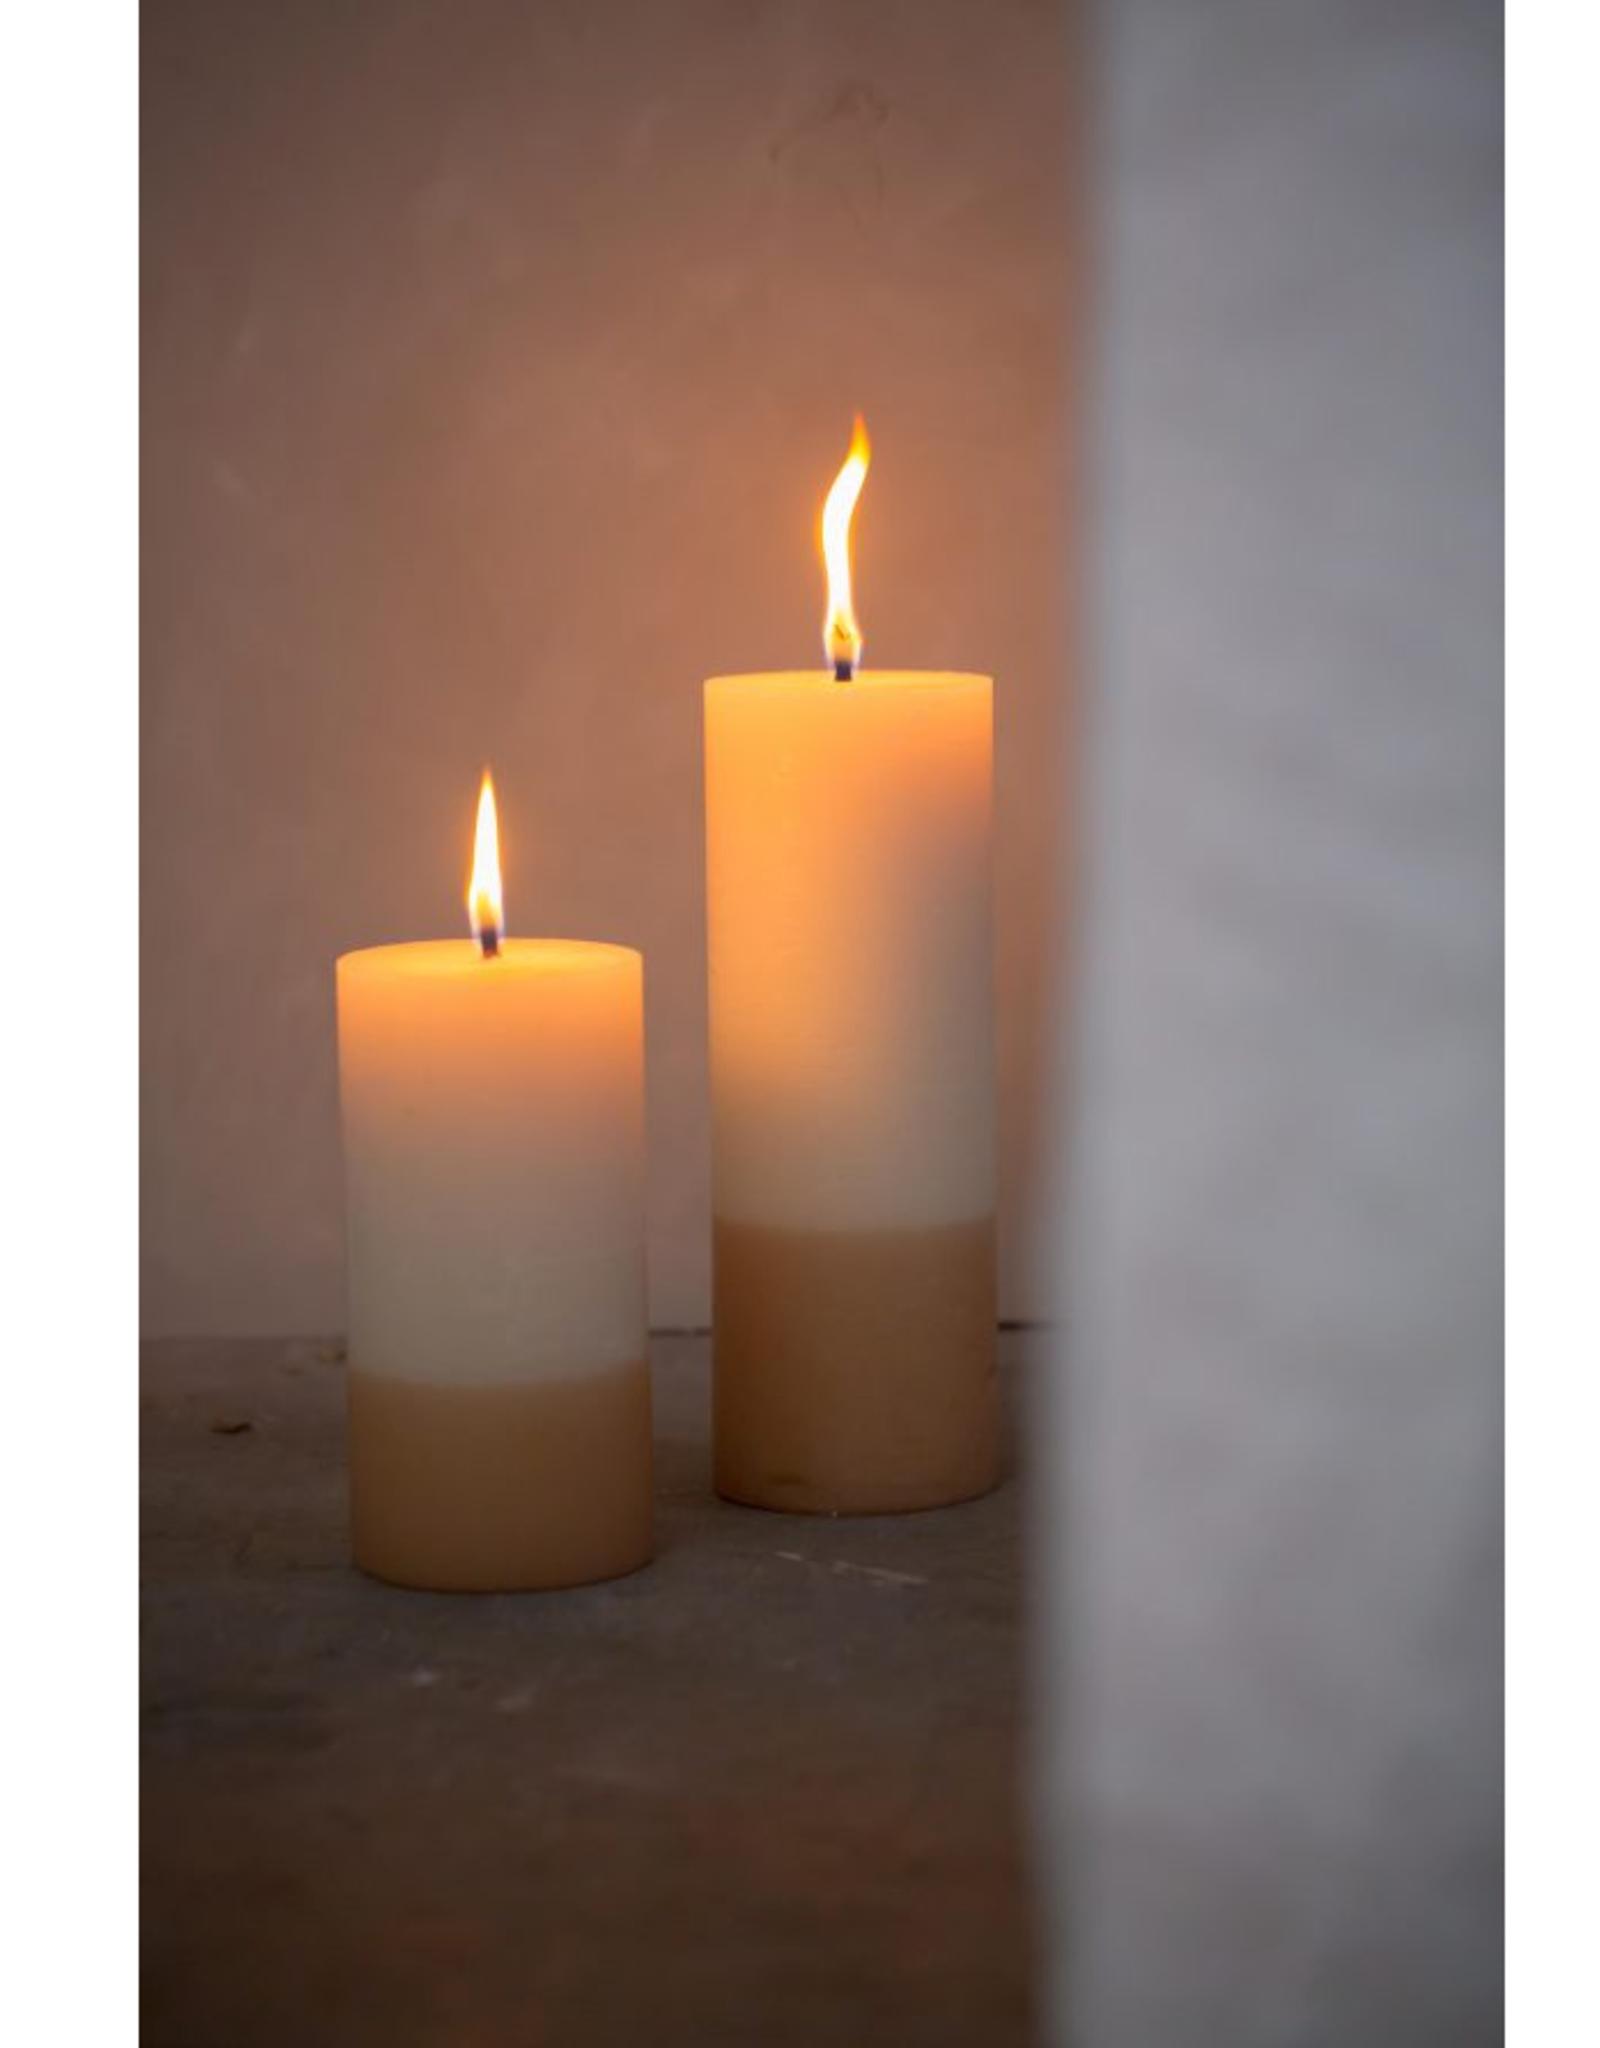 Rustik Lys Buiten PilaarKaars 10x20cm - Rustik Lys